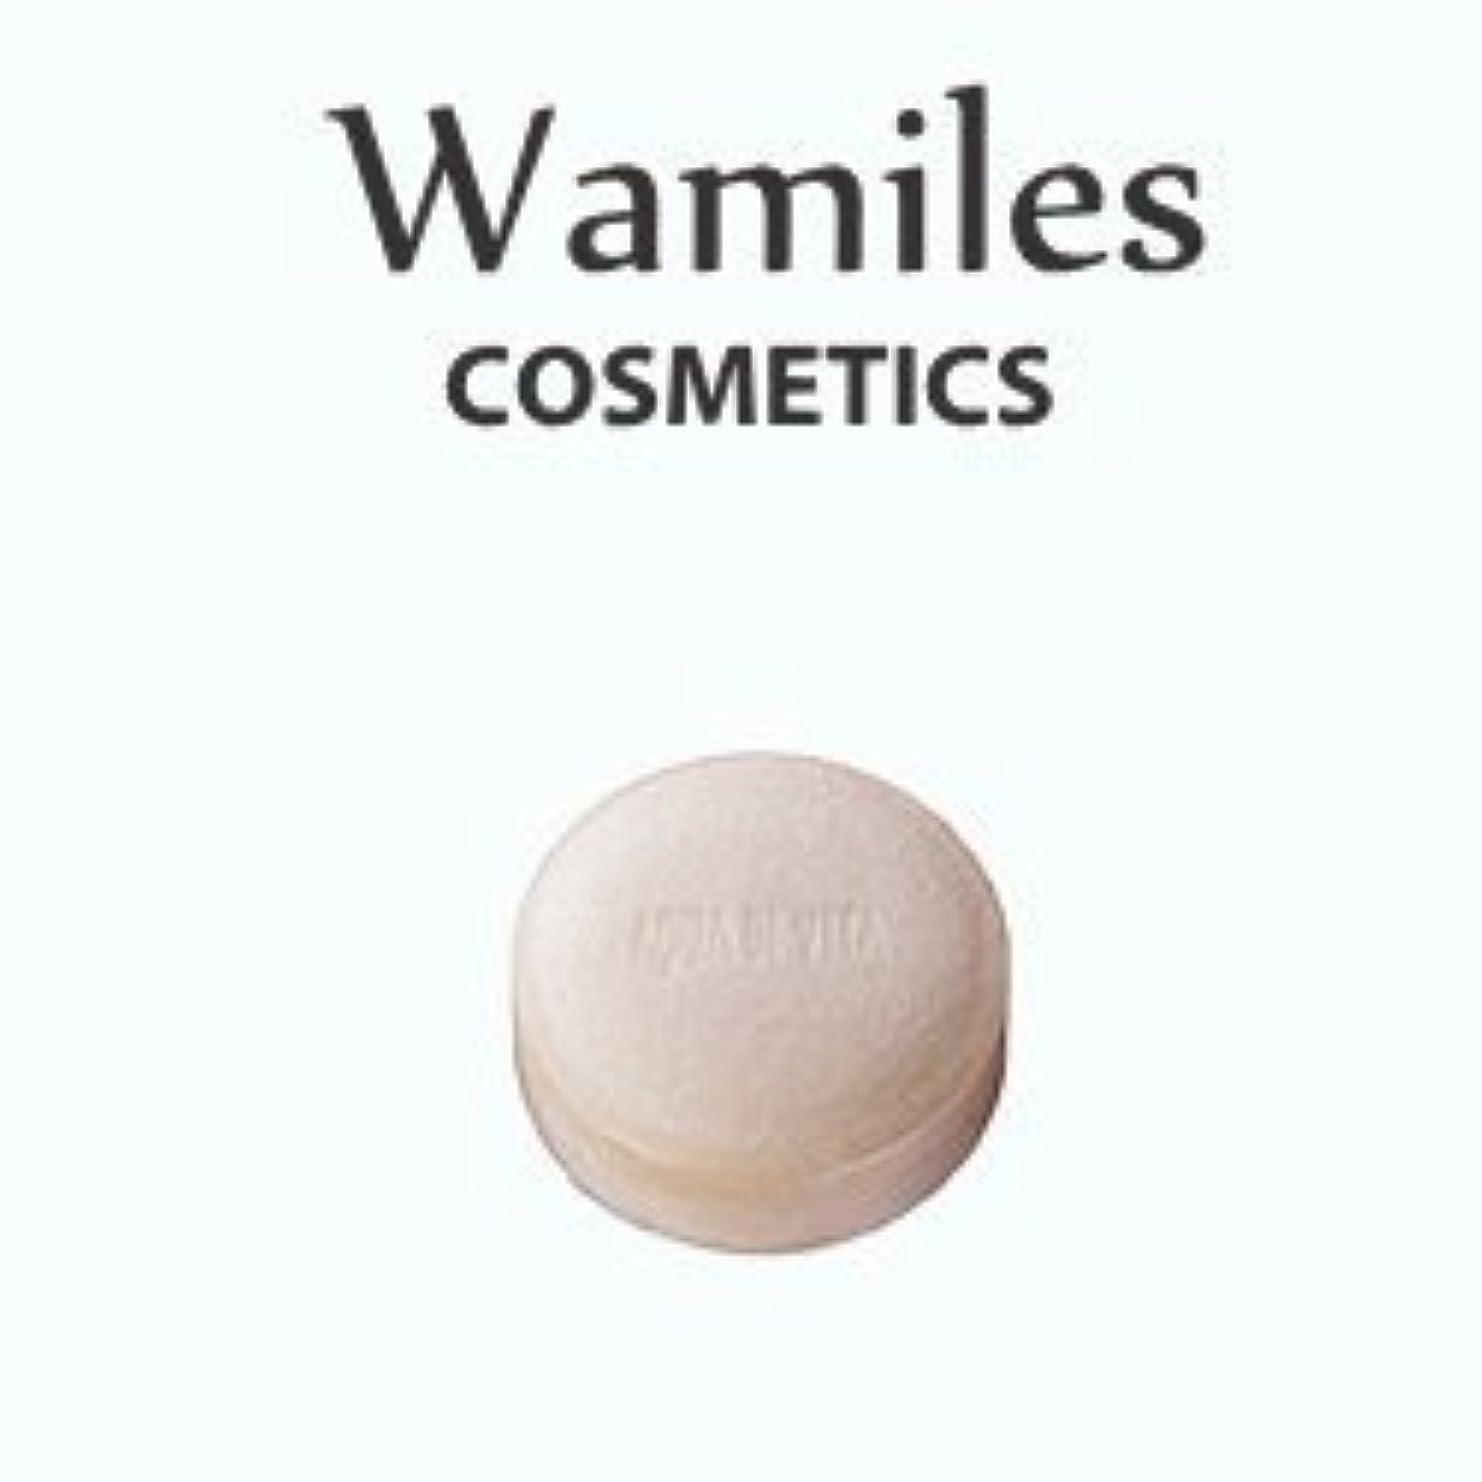 論理的に行列ジャケットwamiles/ワミレス アクア デ ヴィタ ヴィフィーセ ソープリファイナー 72g 美容 保湿